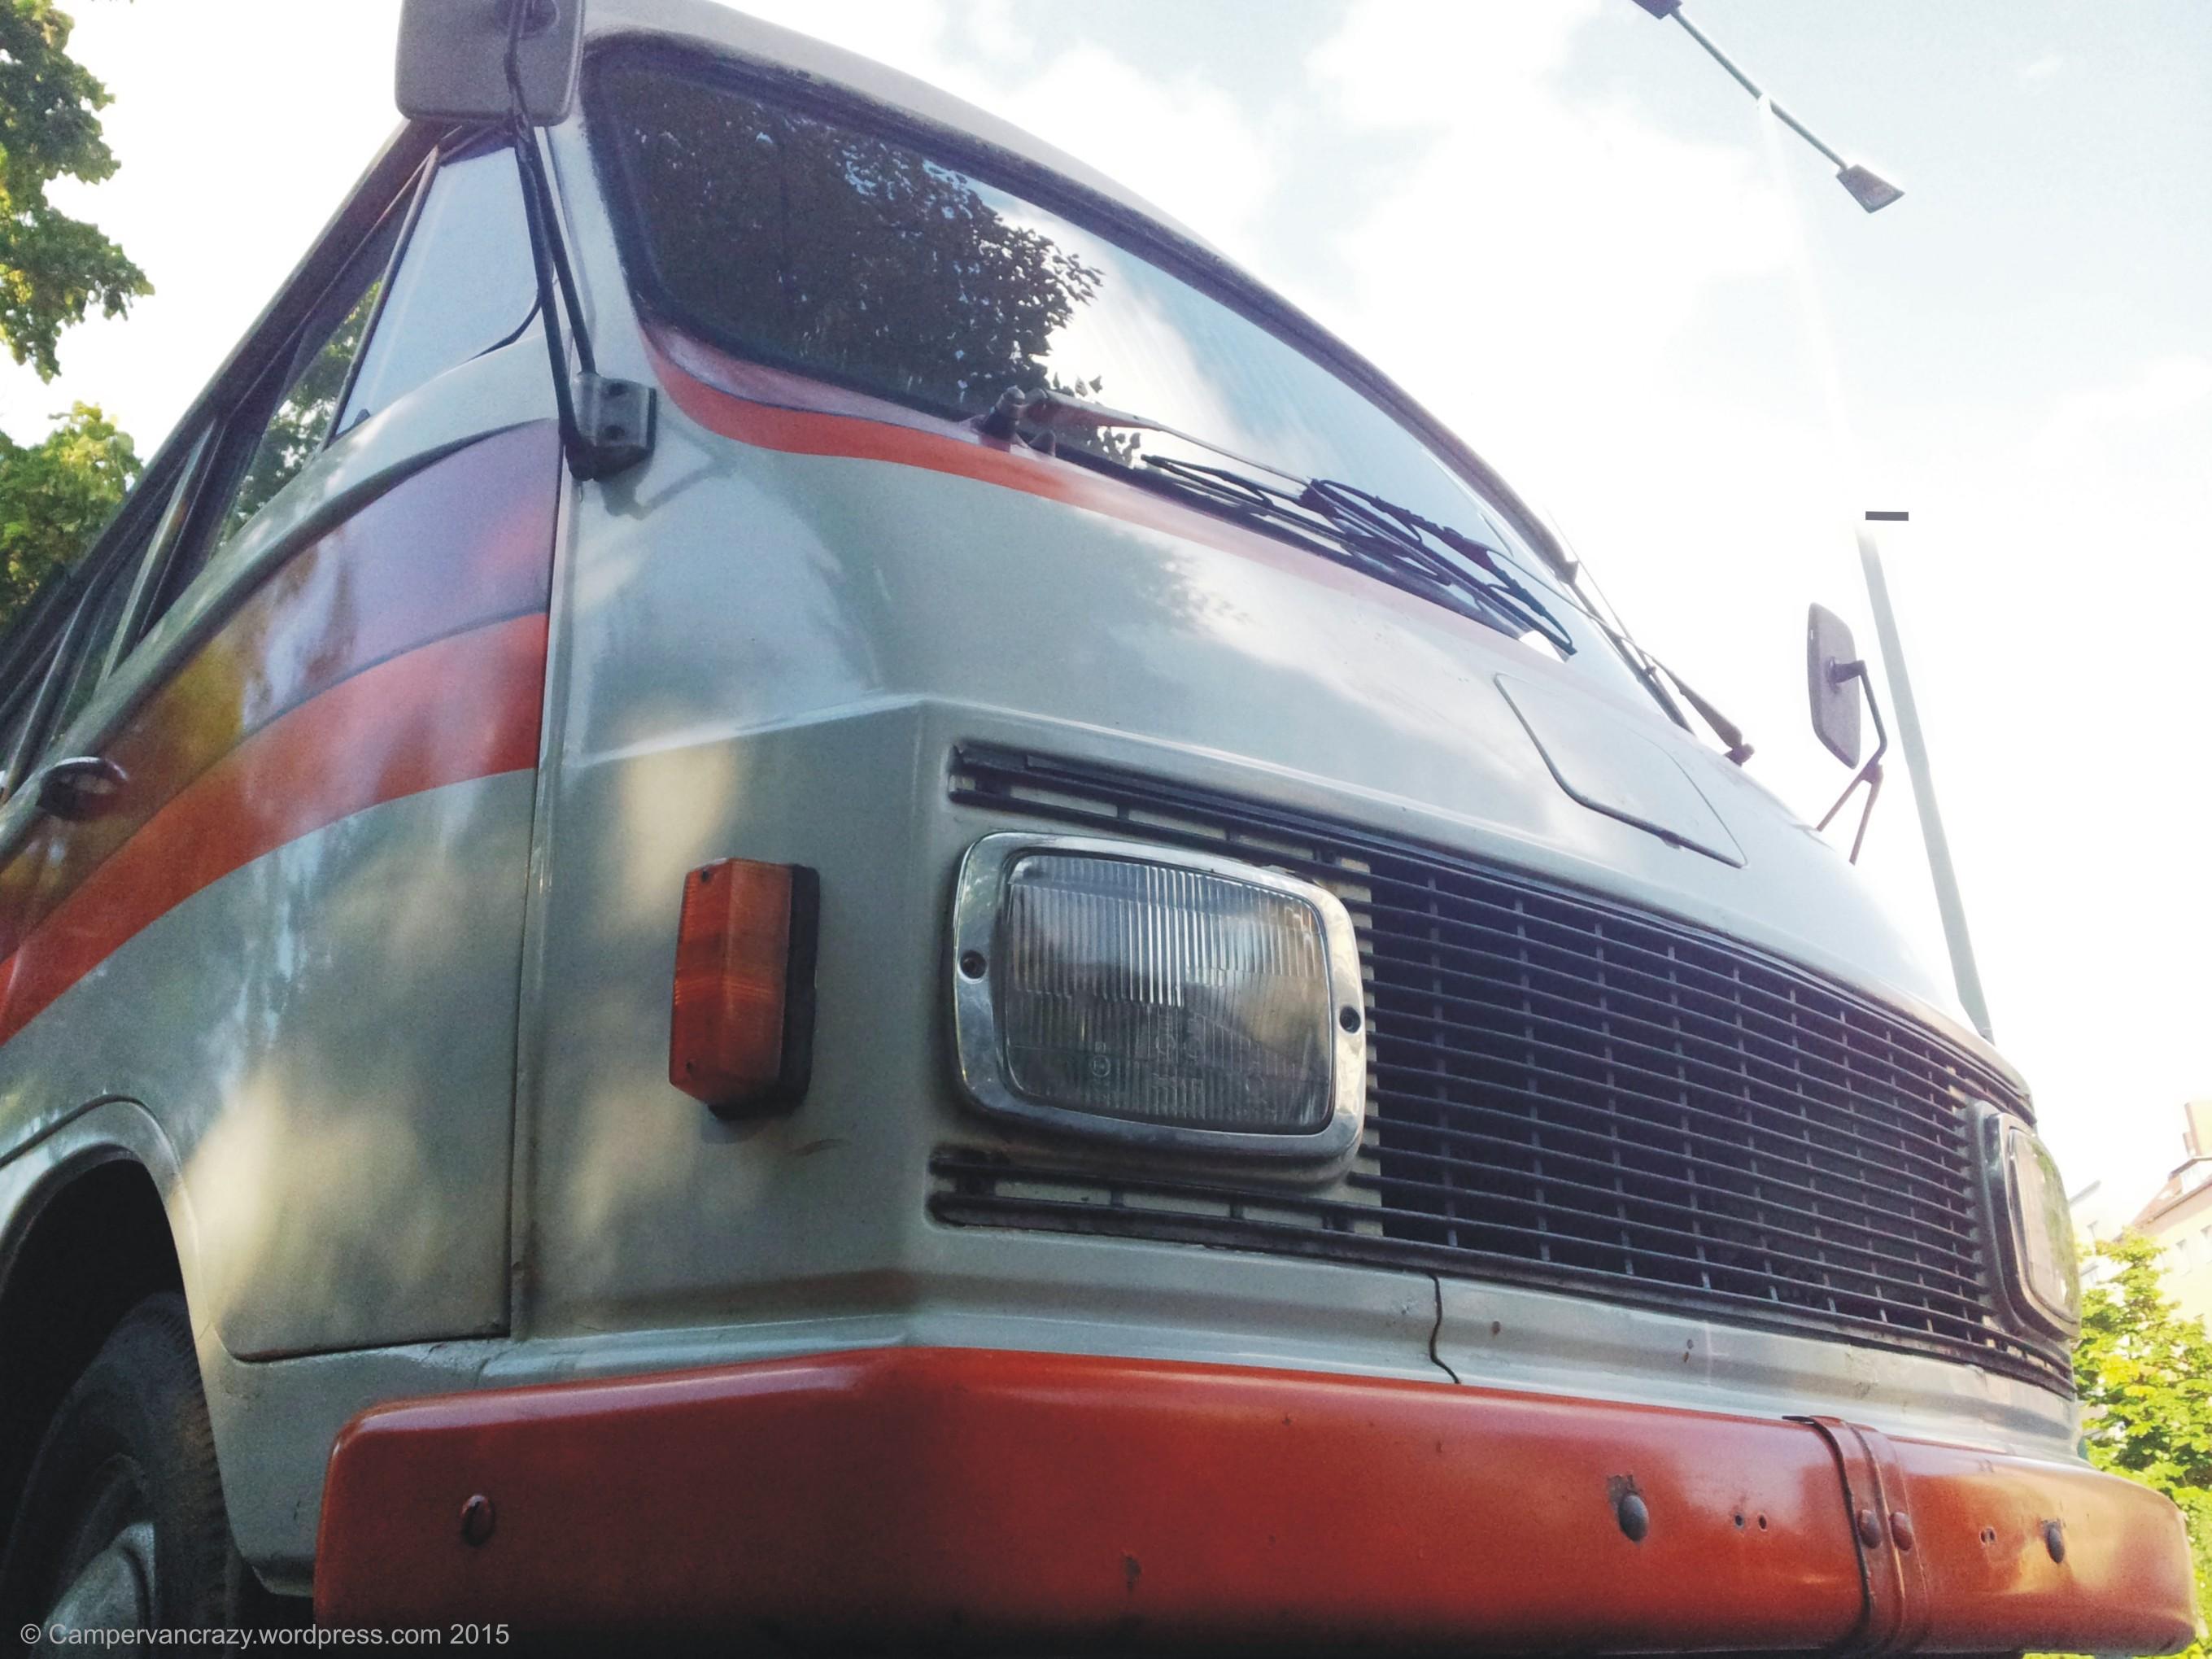 1970s mercedes westfalia campervan campervan crazy for Mercedes benz campervan usa